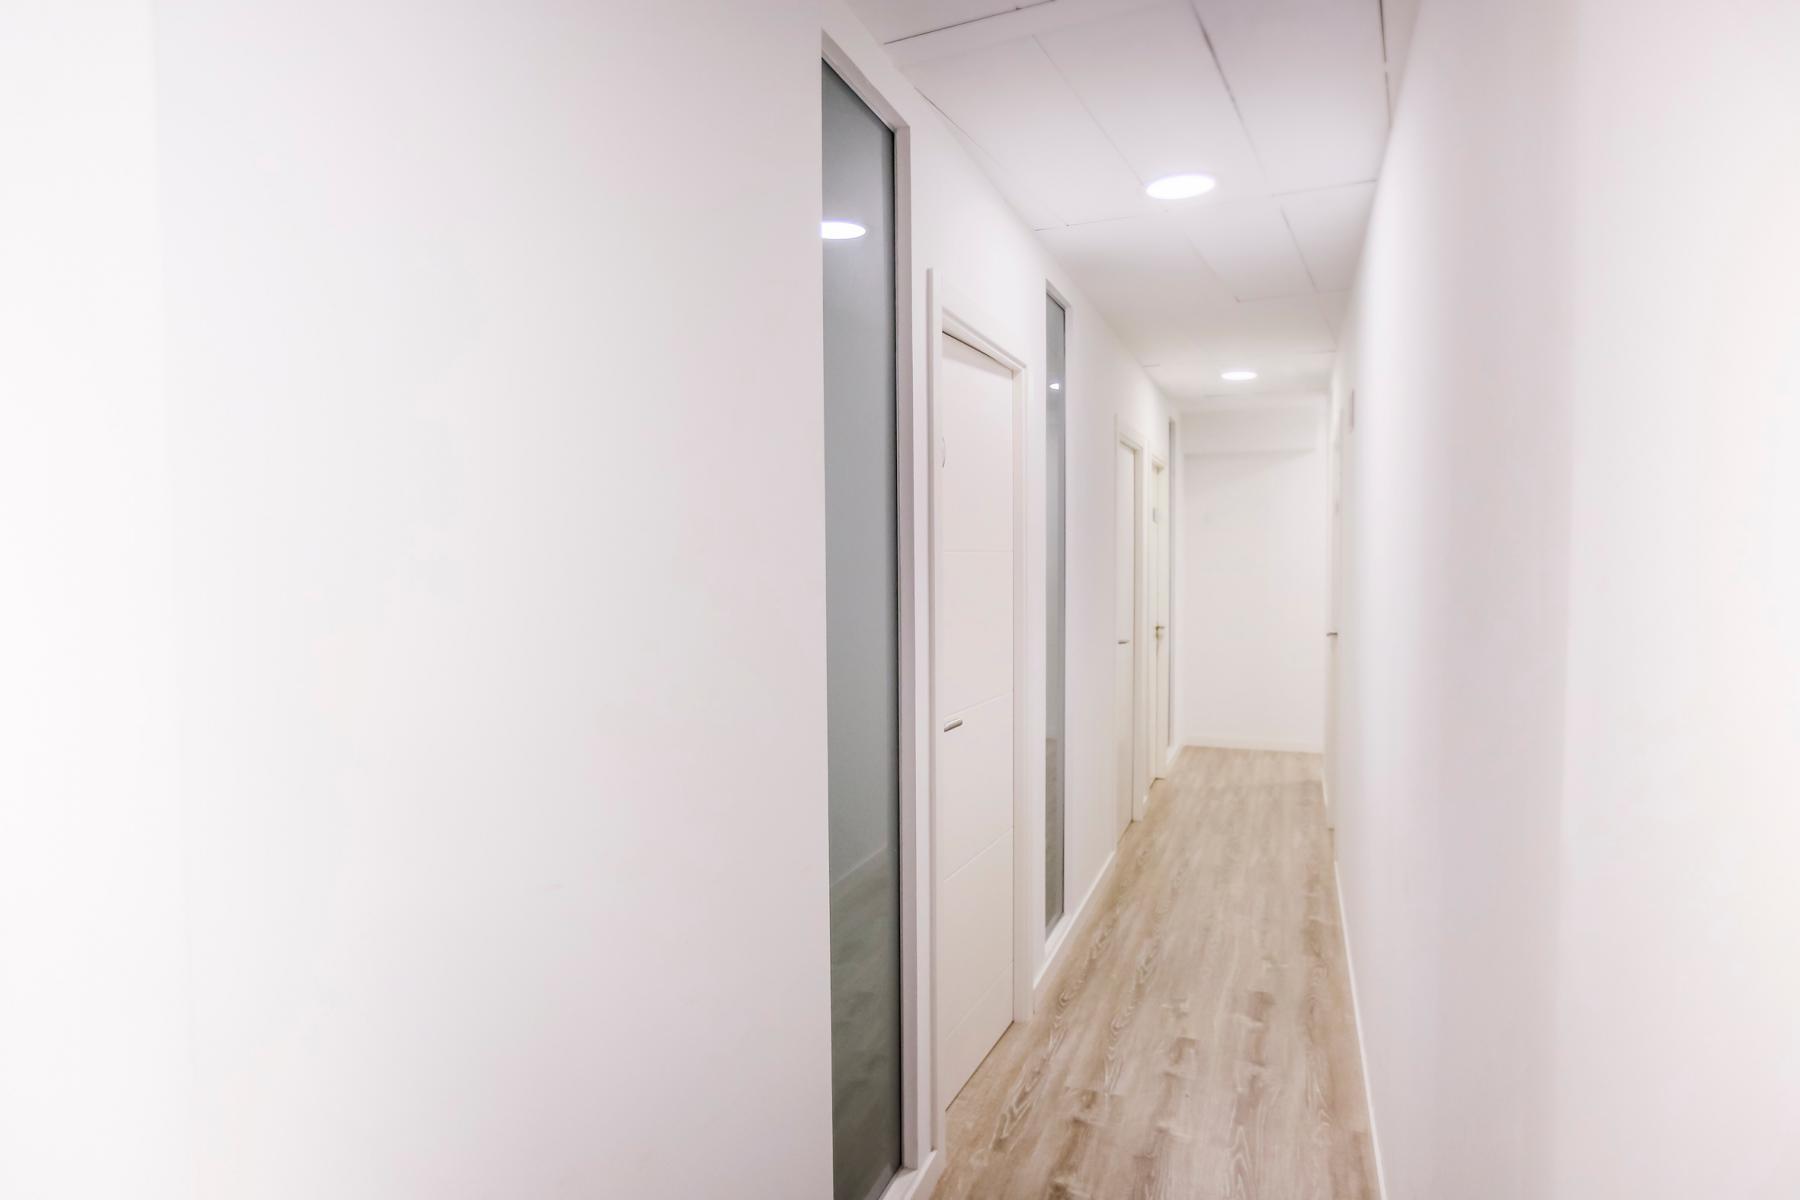 Alquilar oficinas Plaza de José Moreno Villa 2, Madrid (13)